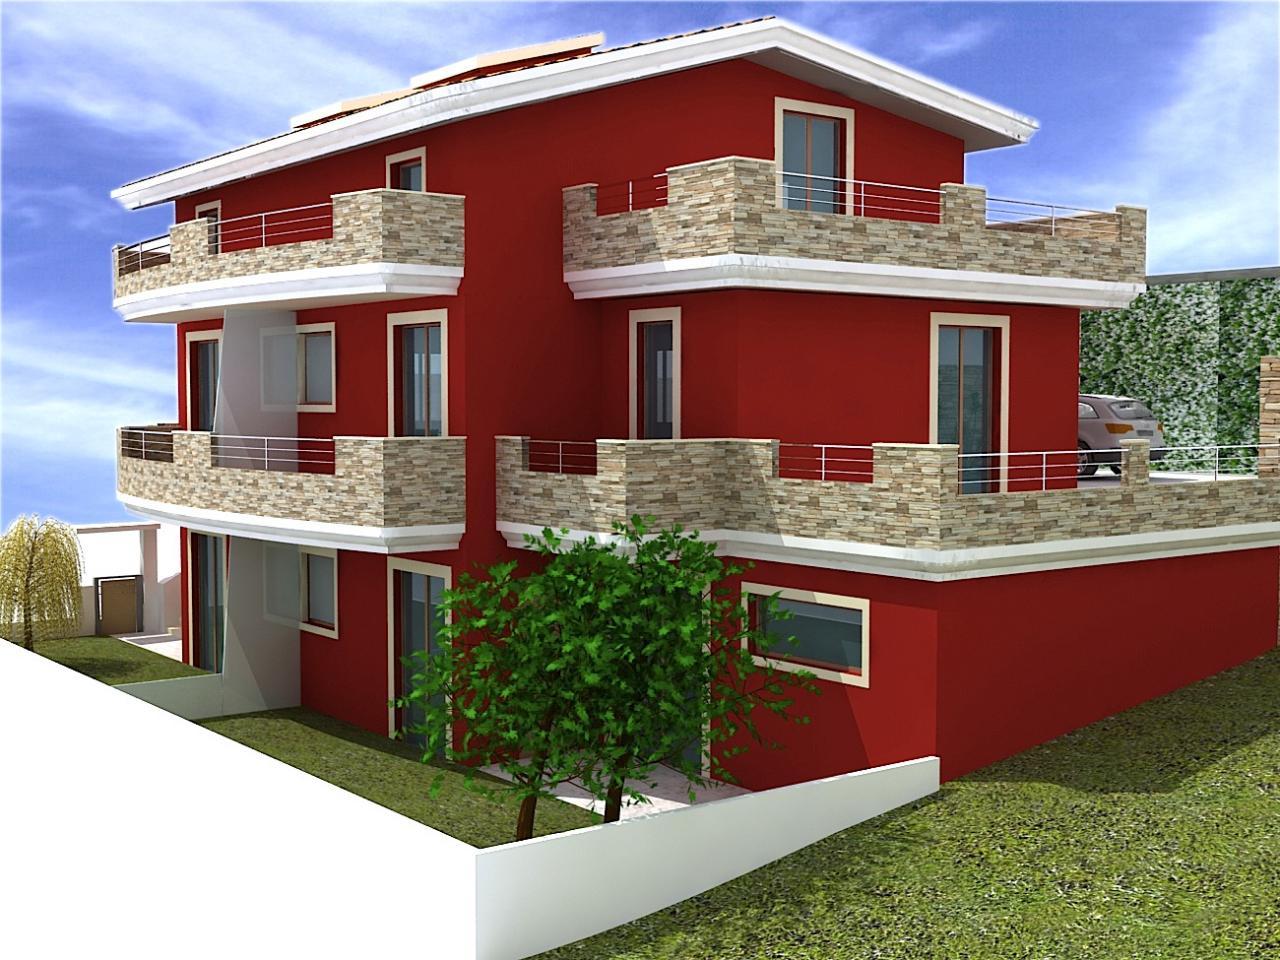 Soluzione Indipendente in vendita a Pescara, 8 locali, zona Località: ZonaNord, prezzo € 394.000 | Cambio Casa.it